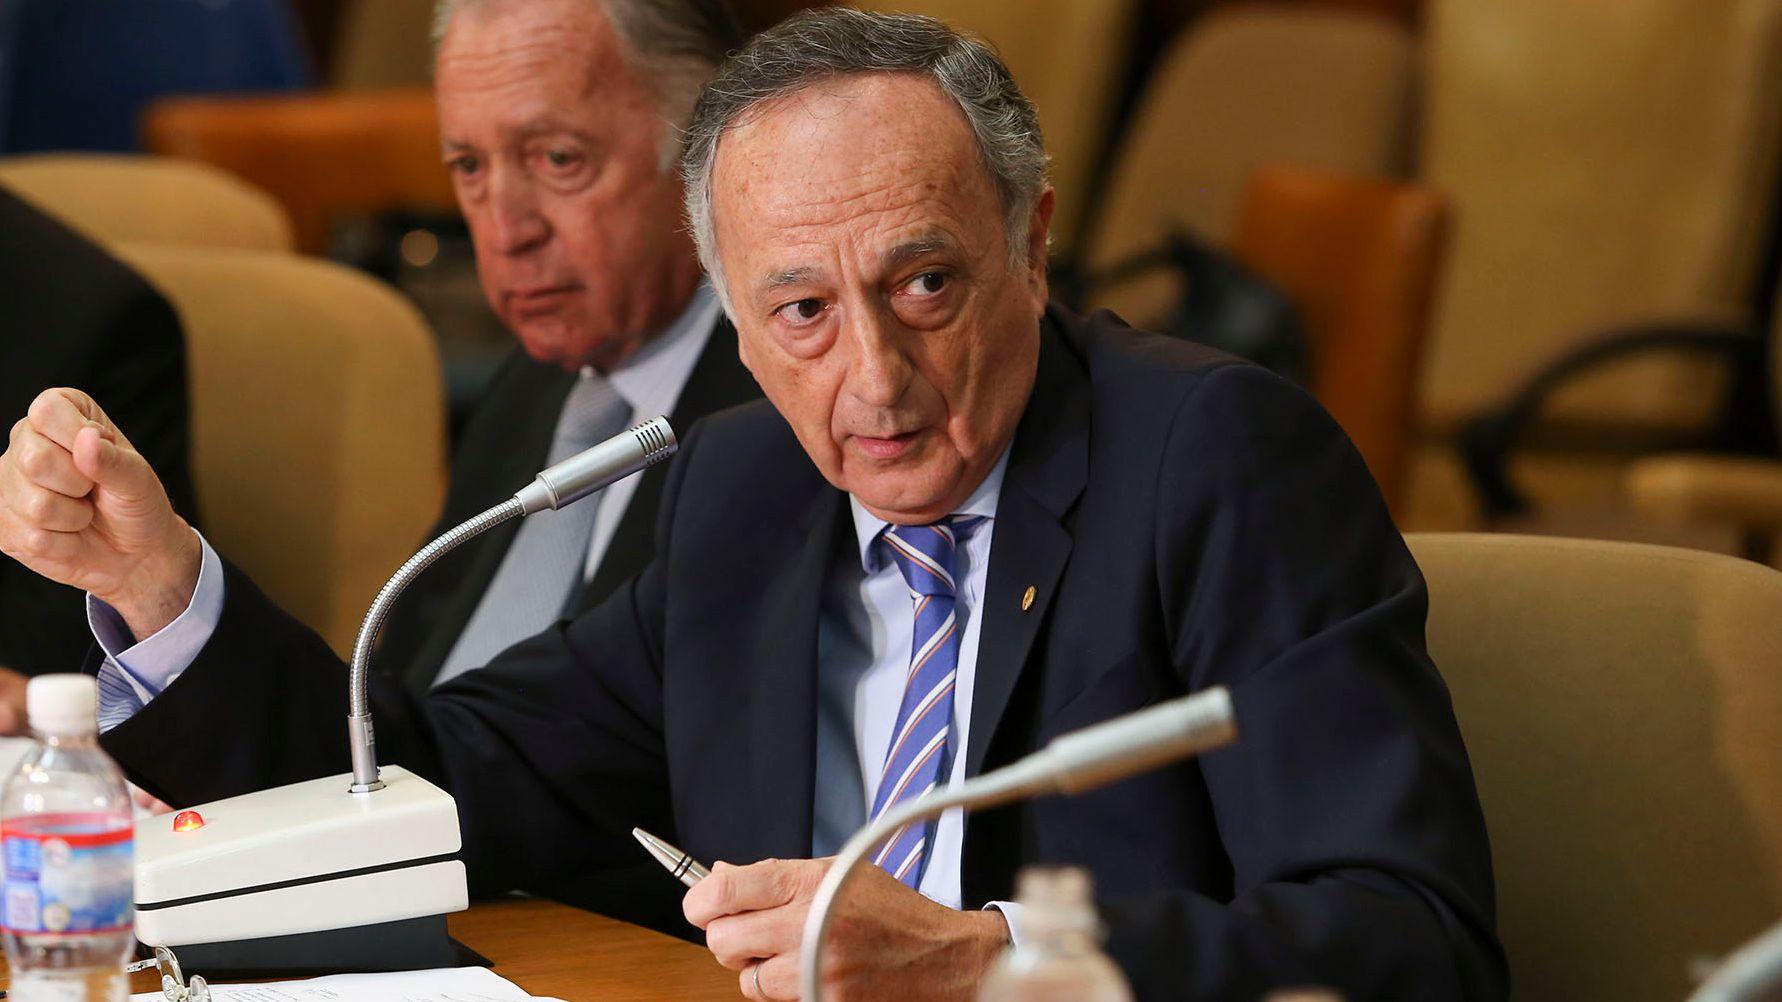 El titular de la UIA, Miguel Acevedo, liderará el encuentro mañana con los referentes del FMI